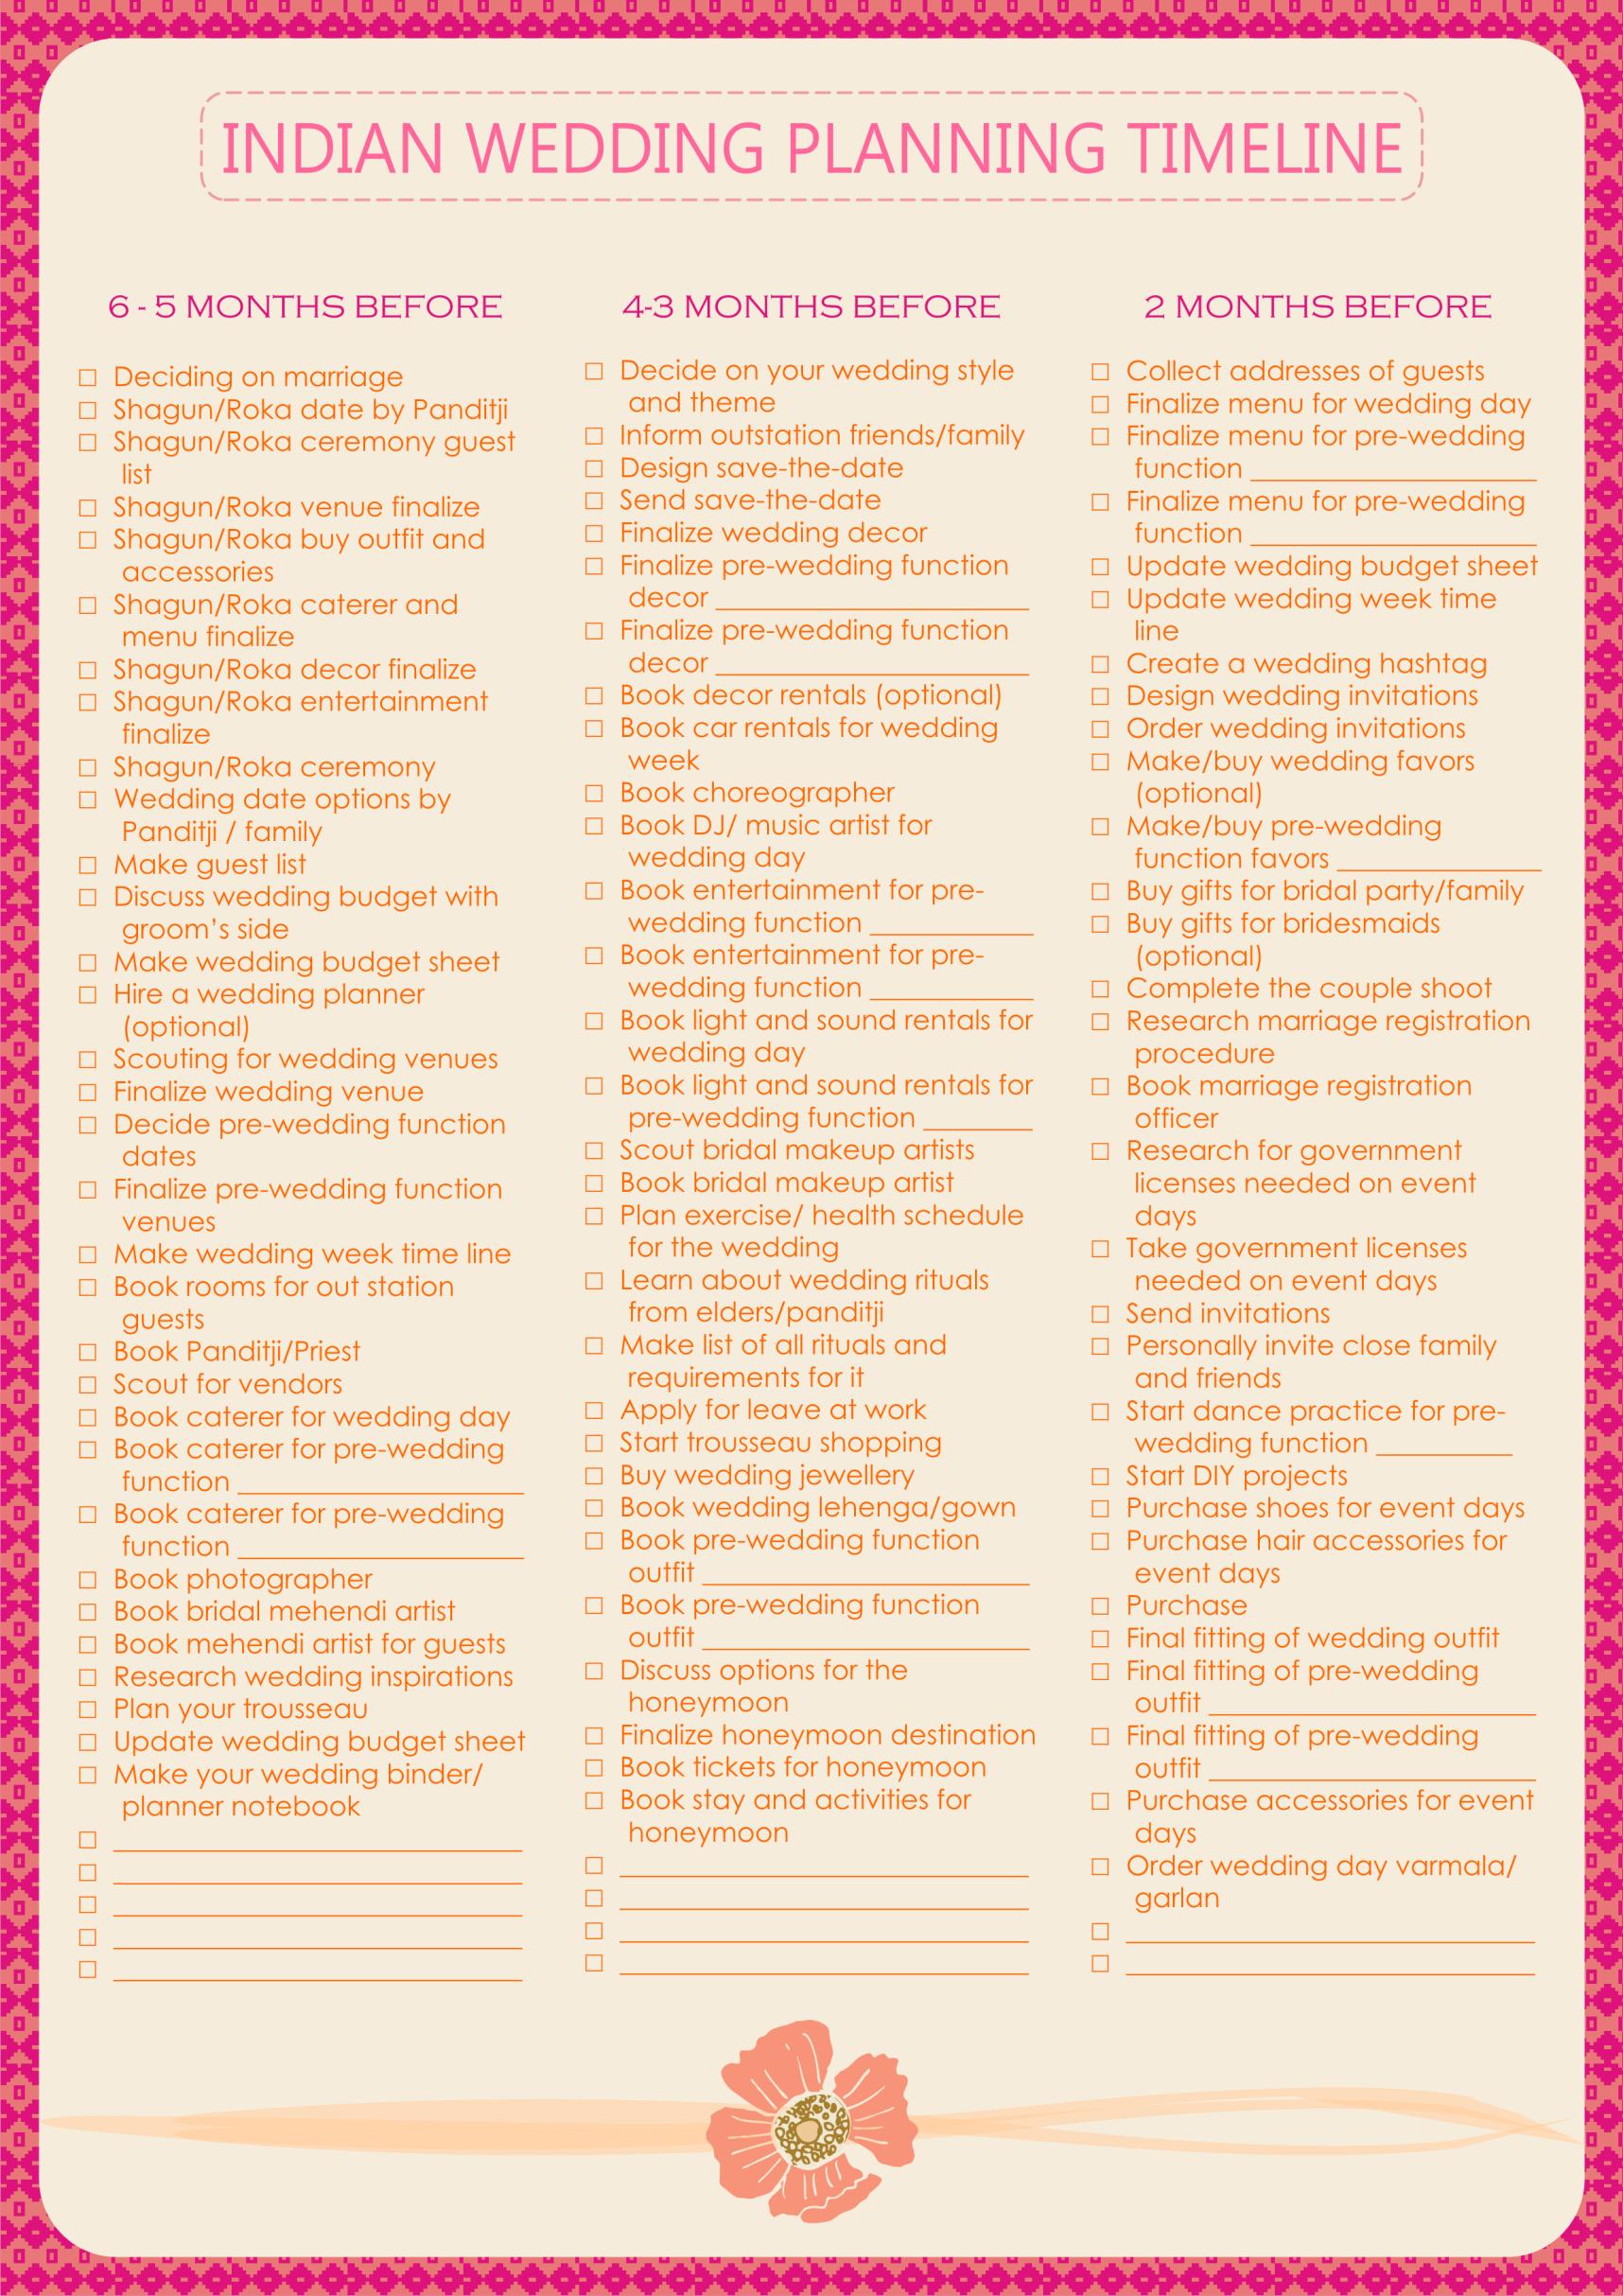 Indian Wedding Planning Checklist Wedding Planning List Indian Wedding Planning Wedding Planning Timeline